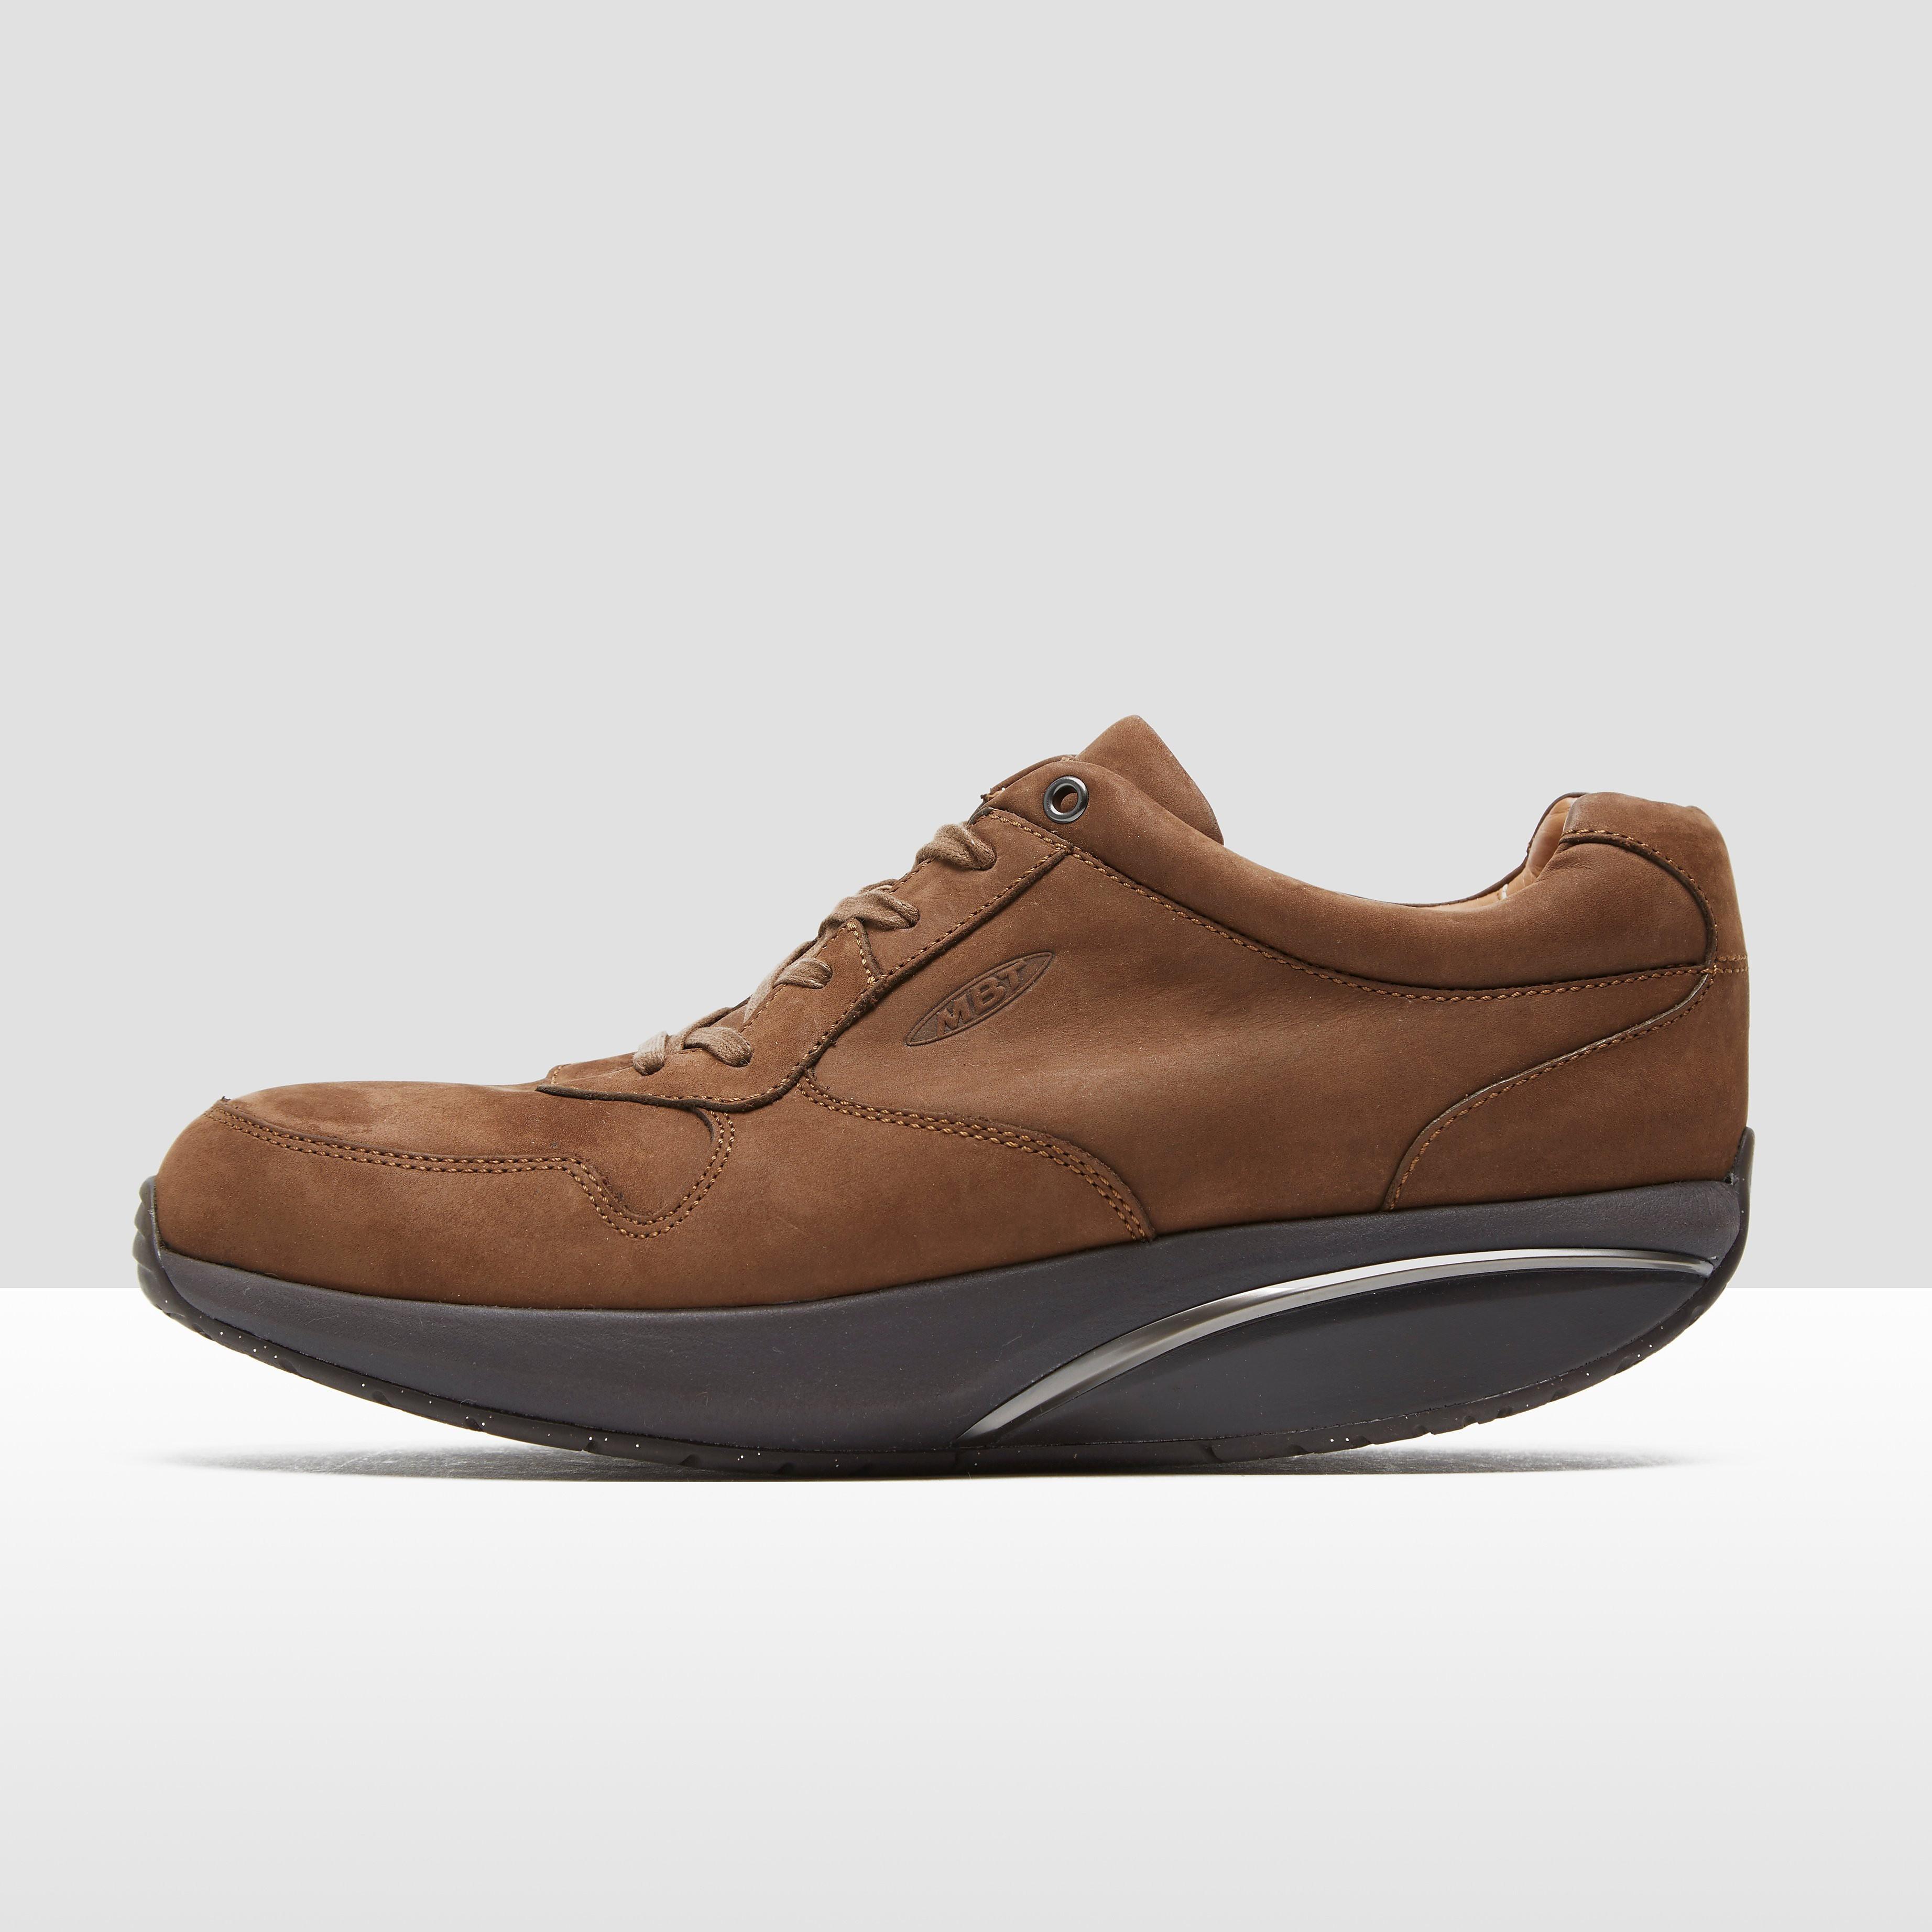 MBT Said 6S Men's Shoes